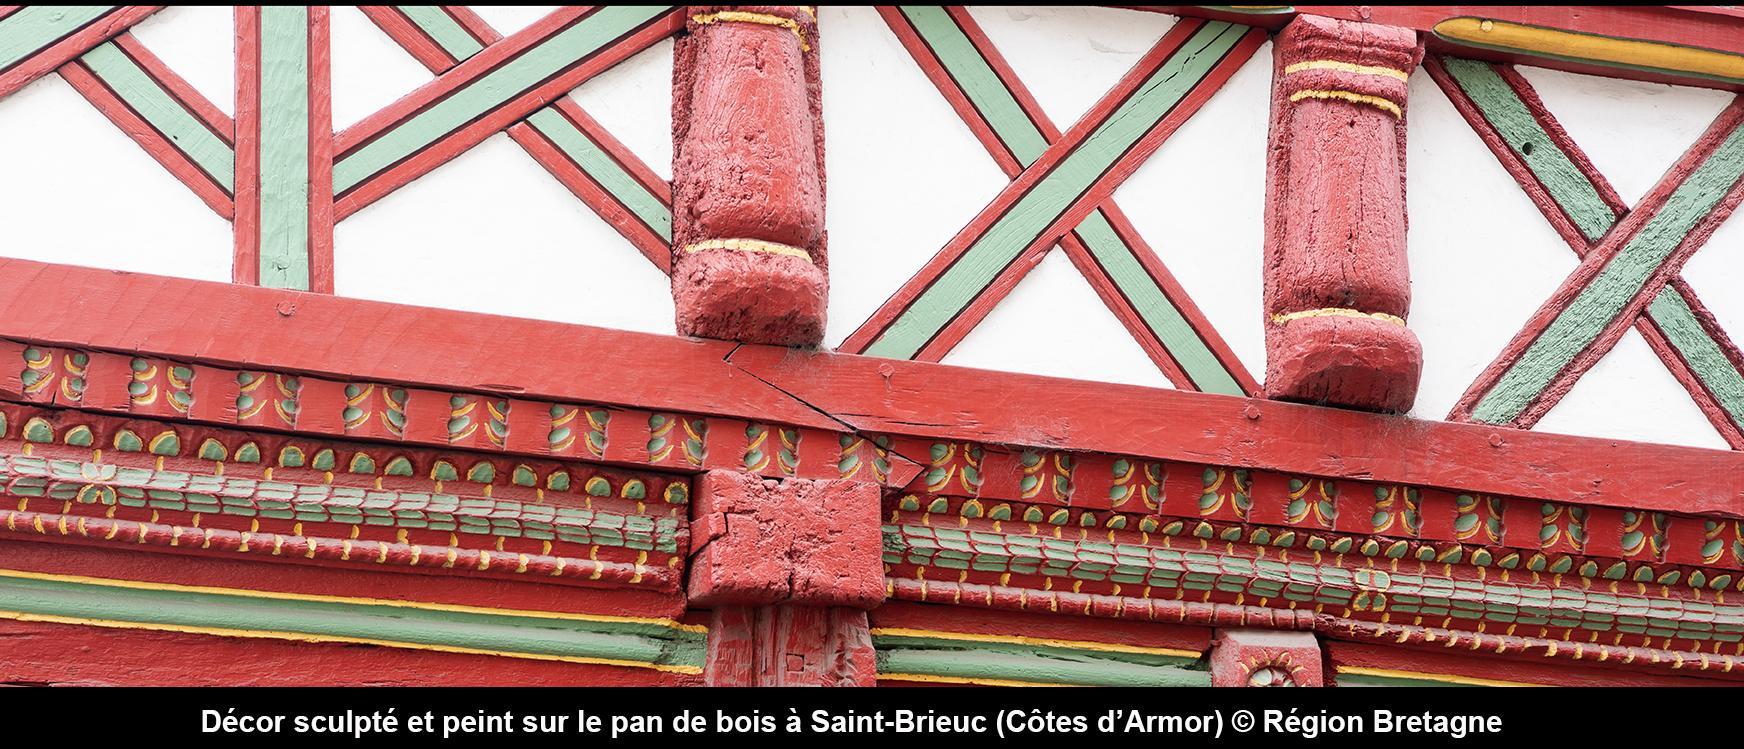 Décor sculpté et peint sur le pan de bois à Saint-Brieuc (Morbihan) © Région Bretagne